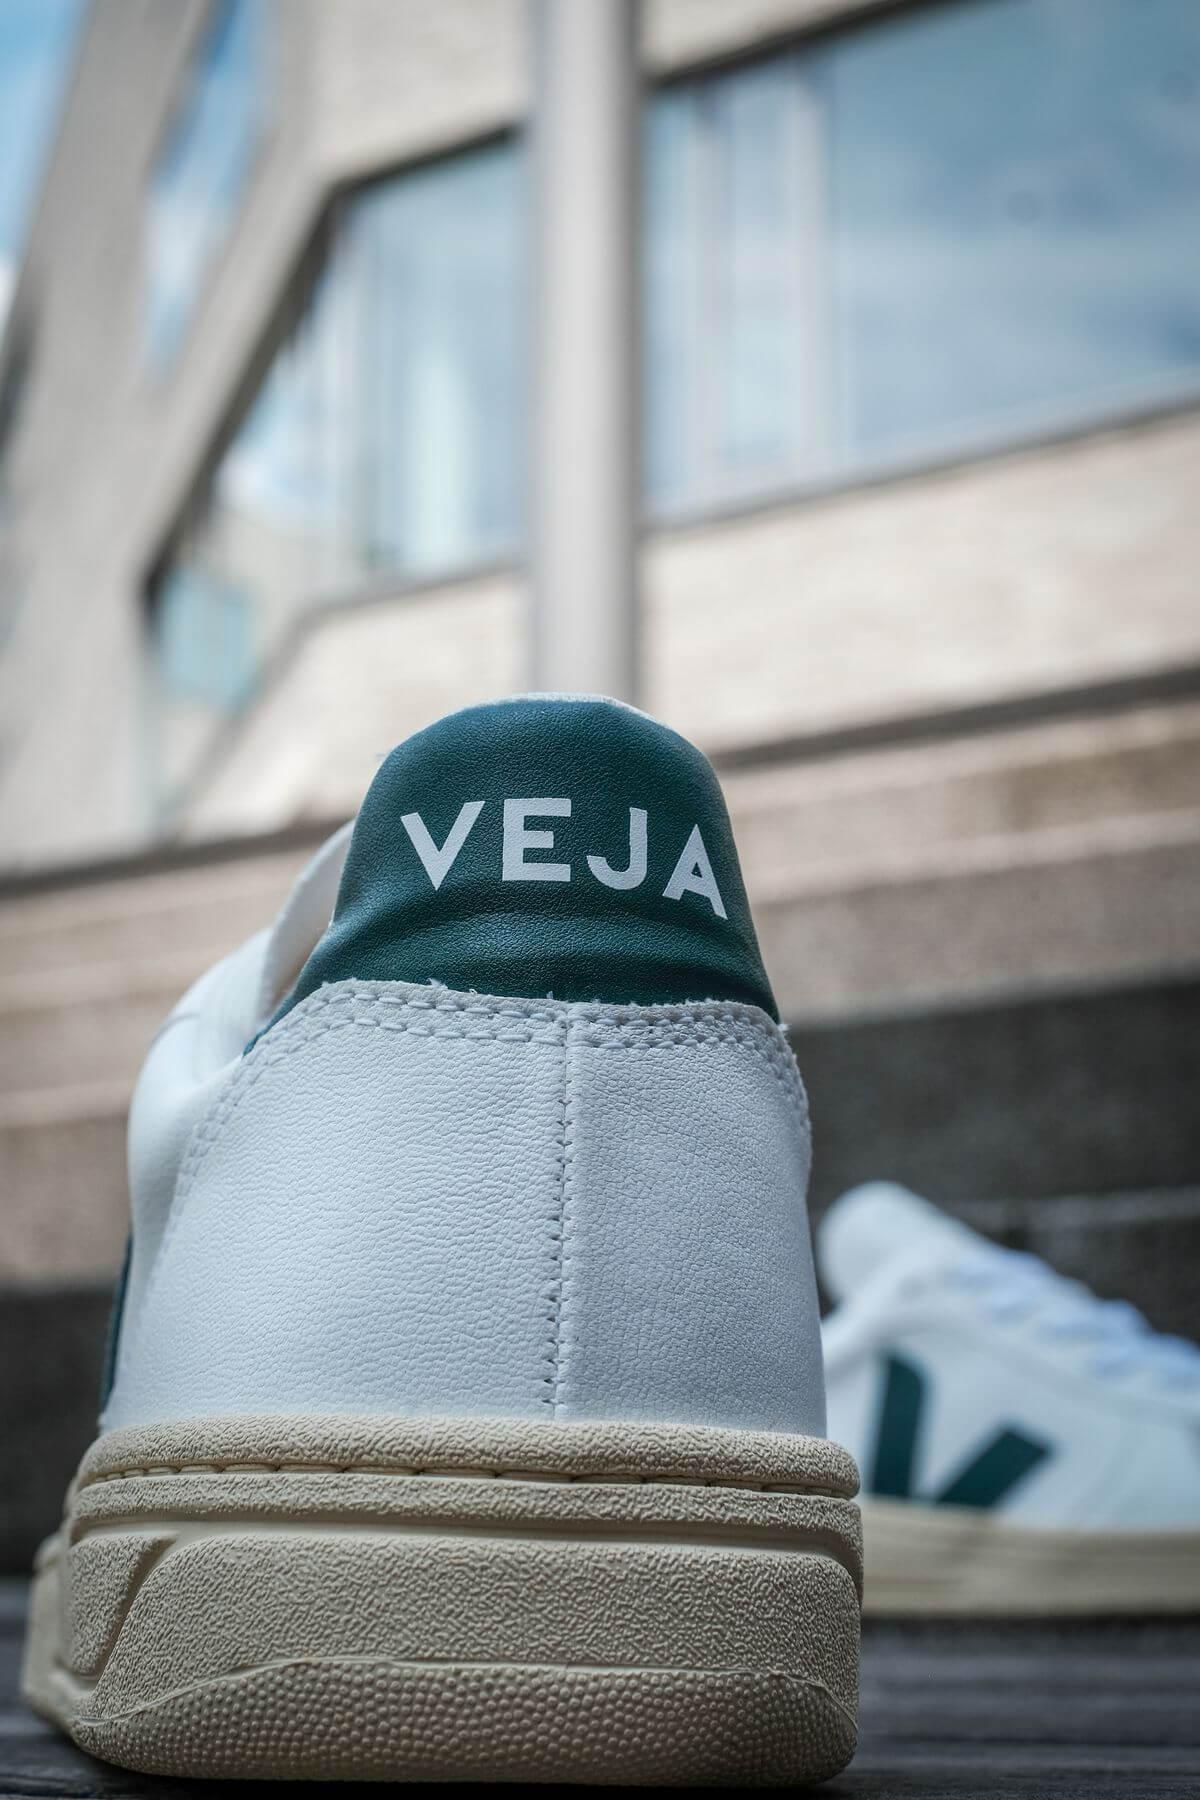 heel details - veja logo